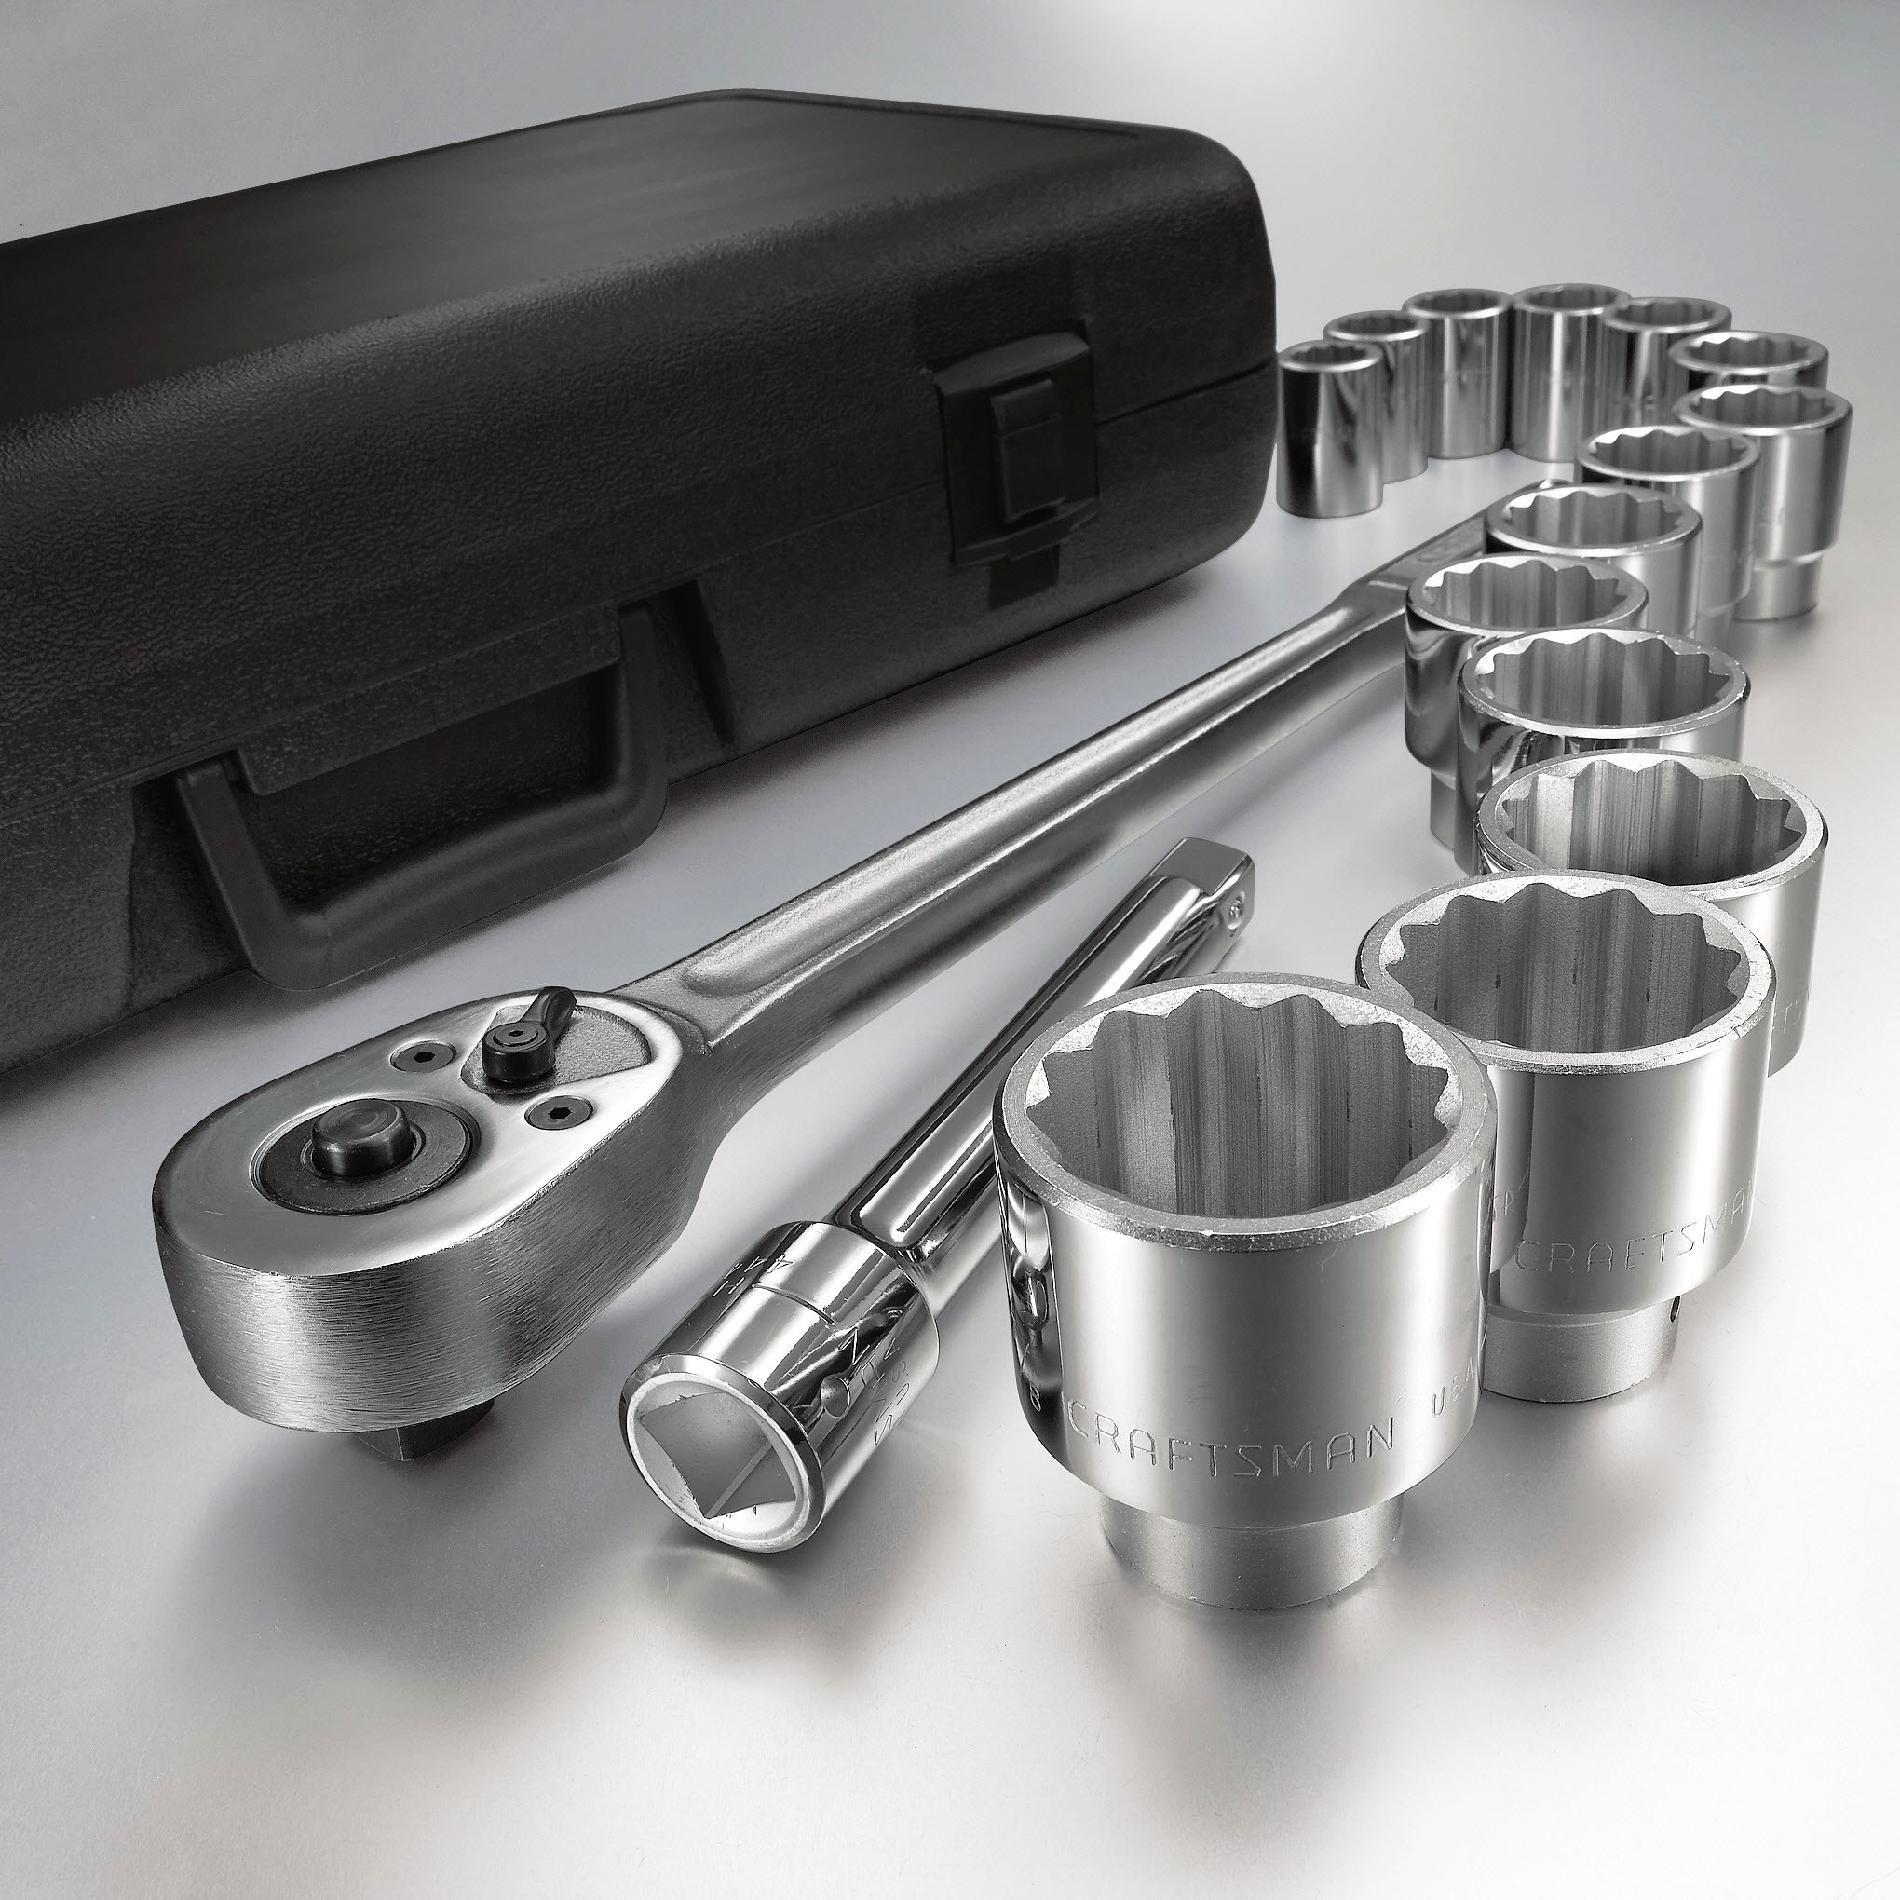 Craftsman 16 pc. 12. pt. Standard 3/4 in. Dr. Socket Wrench Set